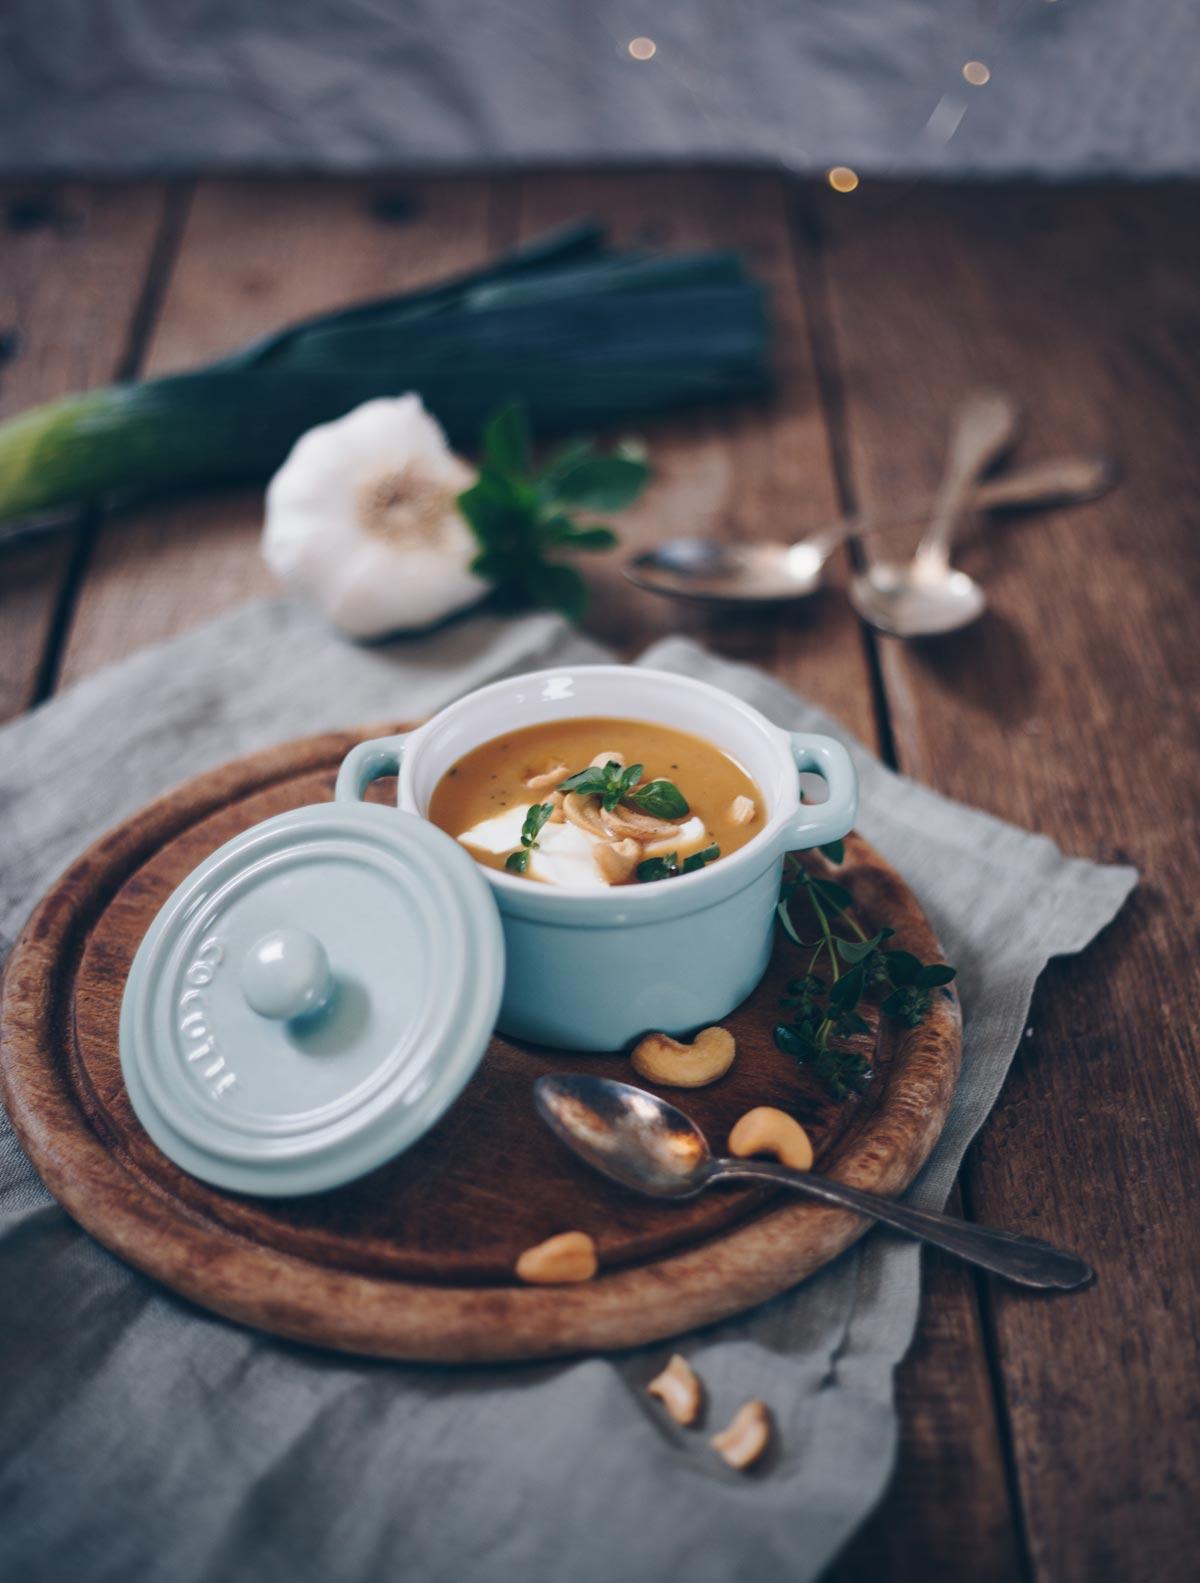 Wärmendes Suppenrezept für die kalte Jahreszeit - Süßkartoffel Porree Suppe Rezept